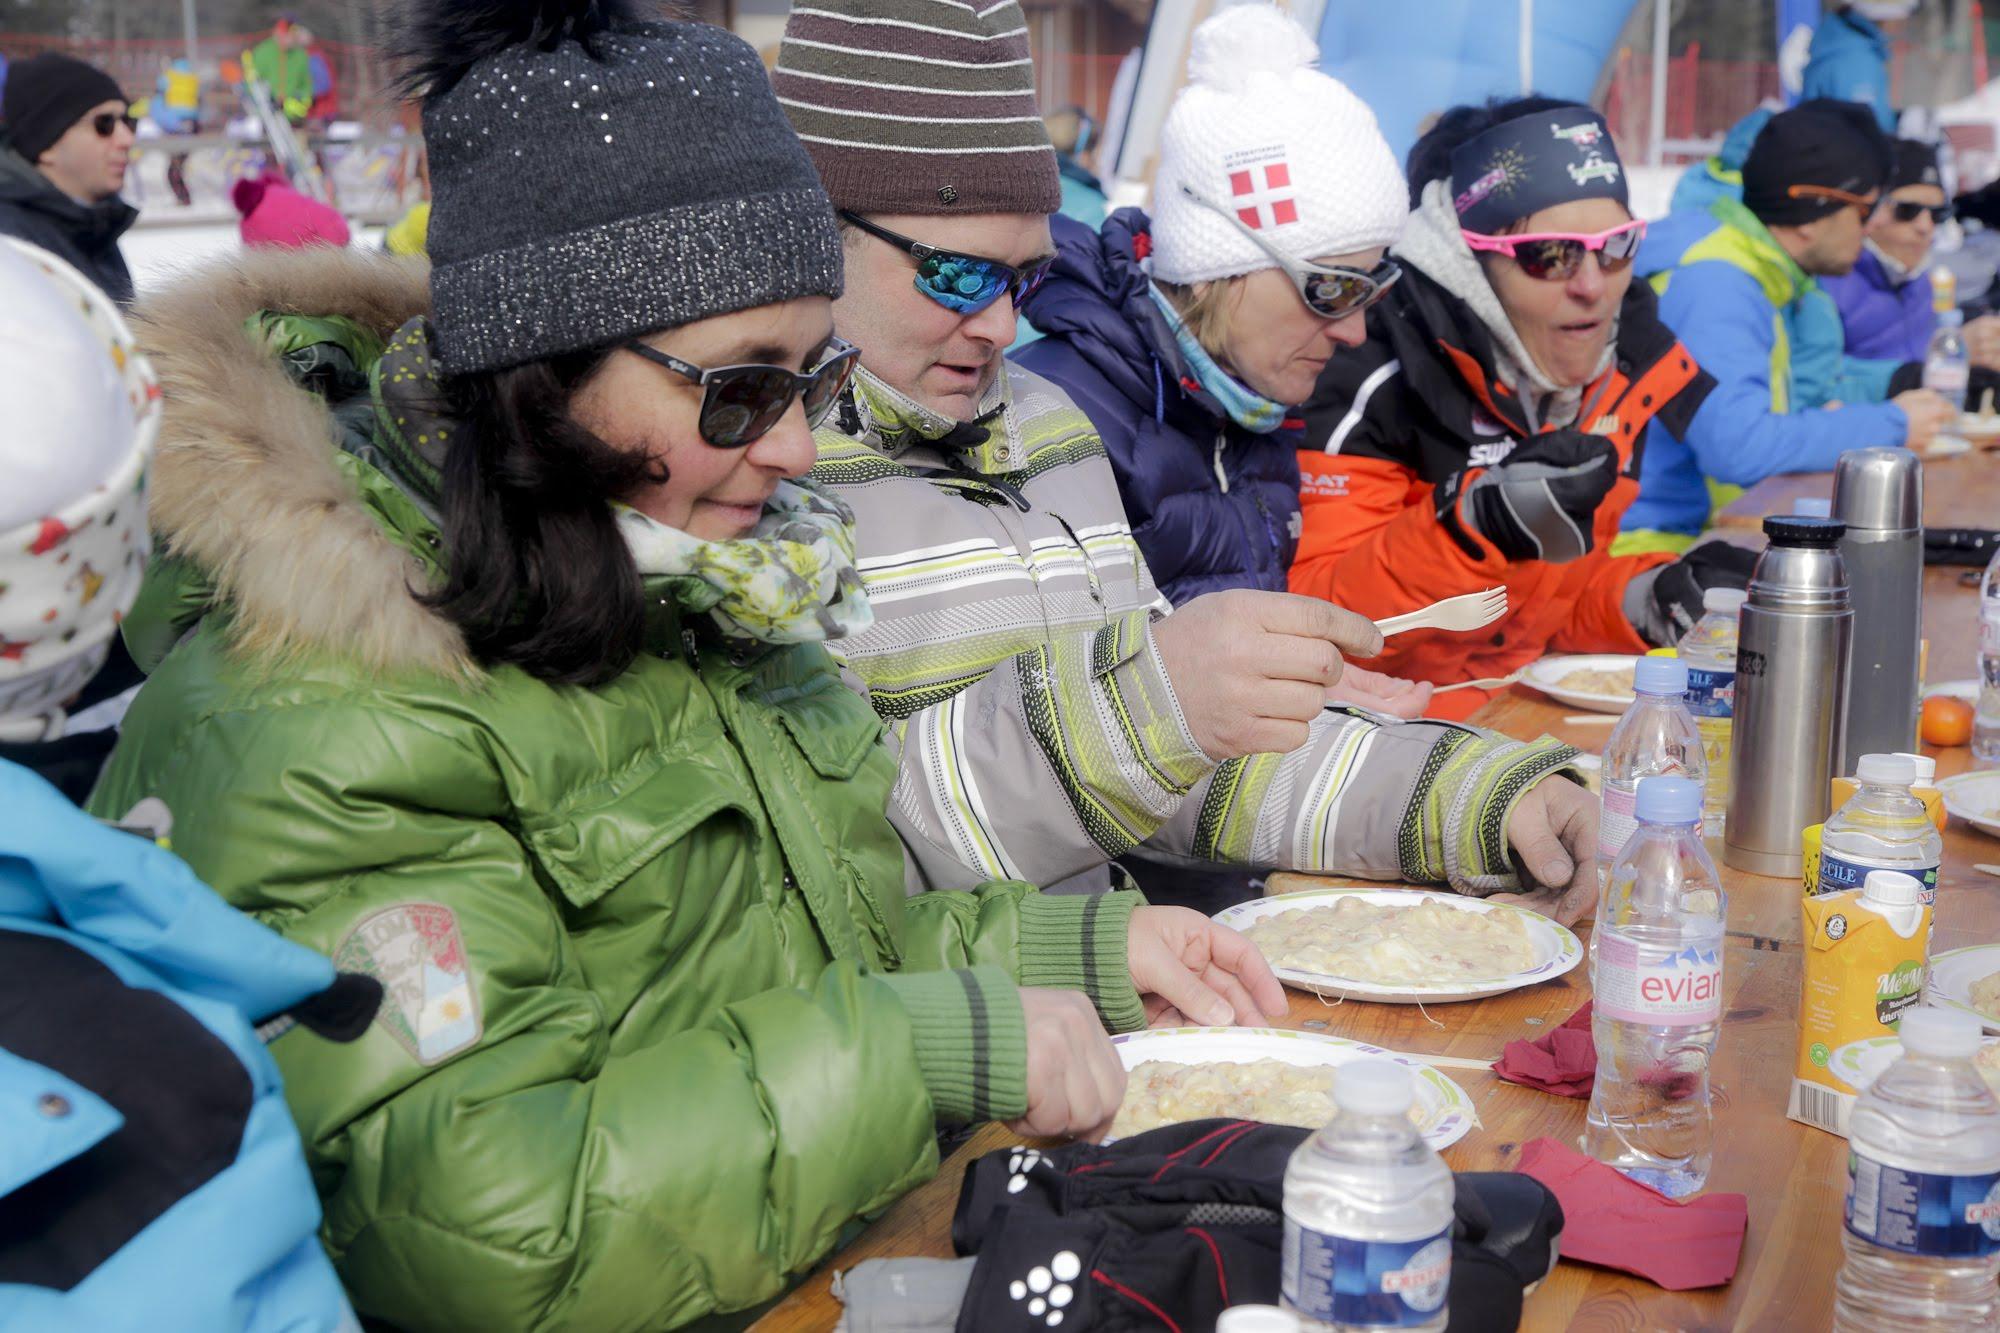 180224-BiathlonImpulse-Contamines-028